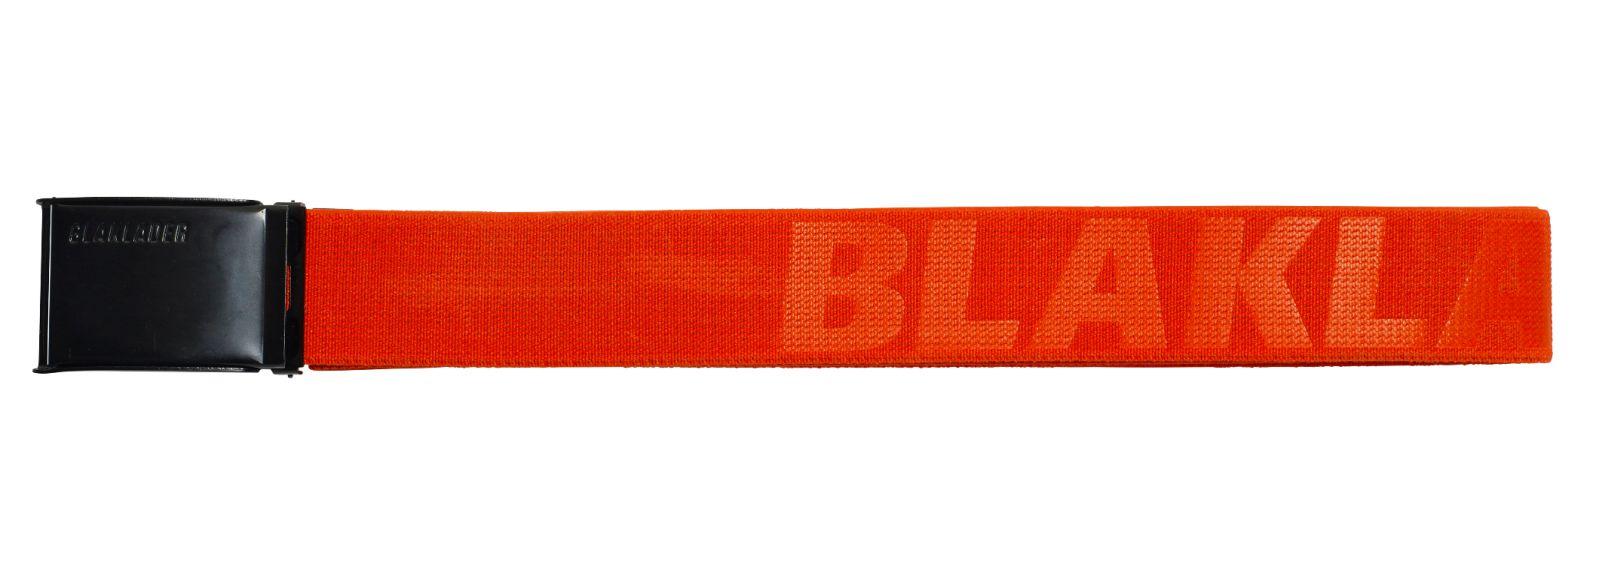 Blaklader Riemen 40340000 fluo-rood(5500)